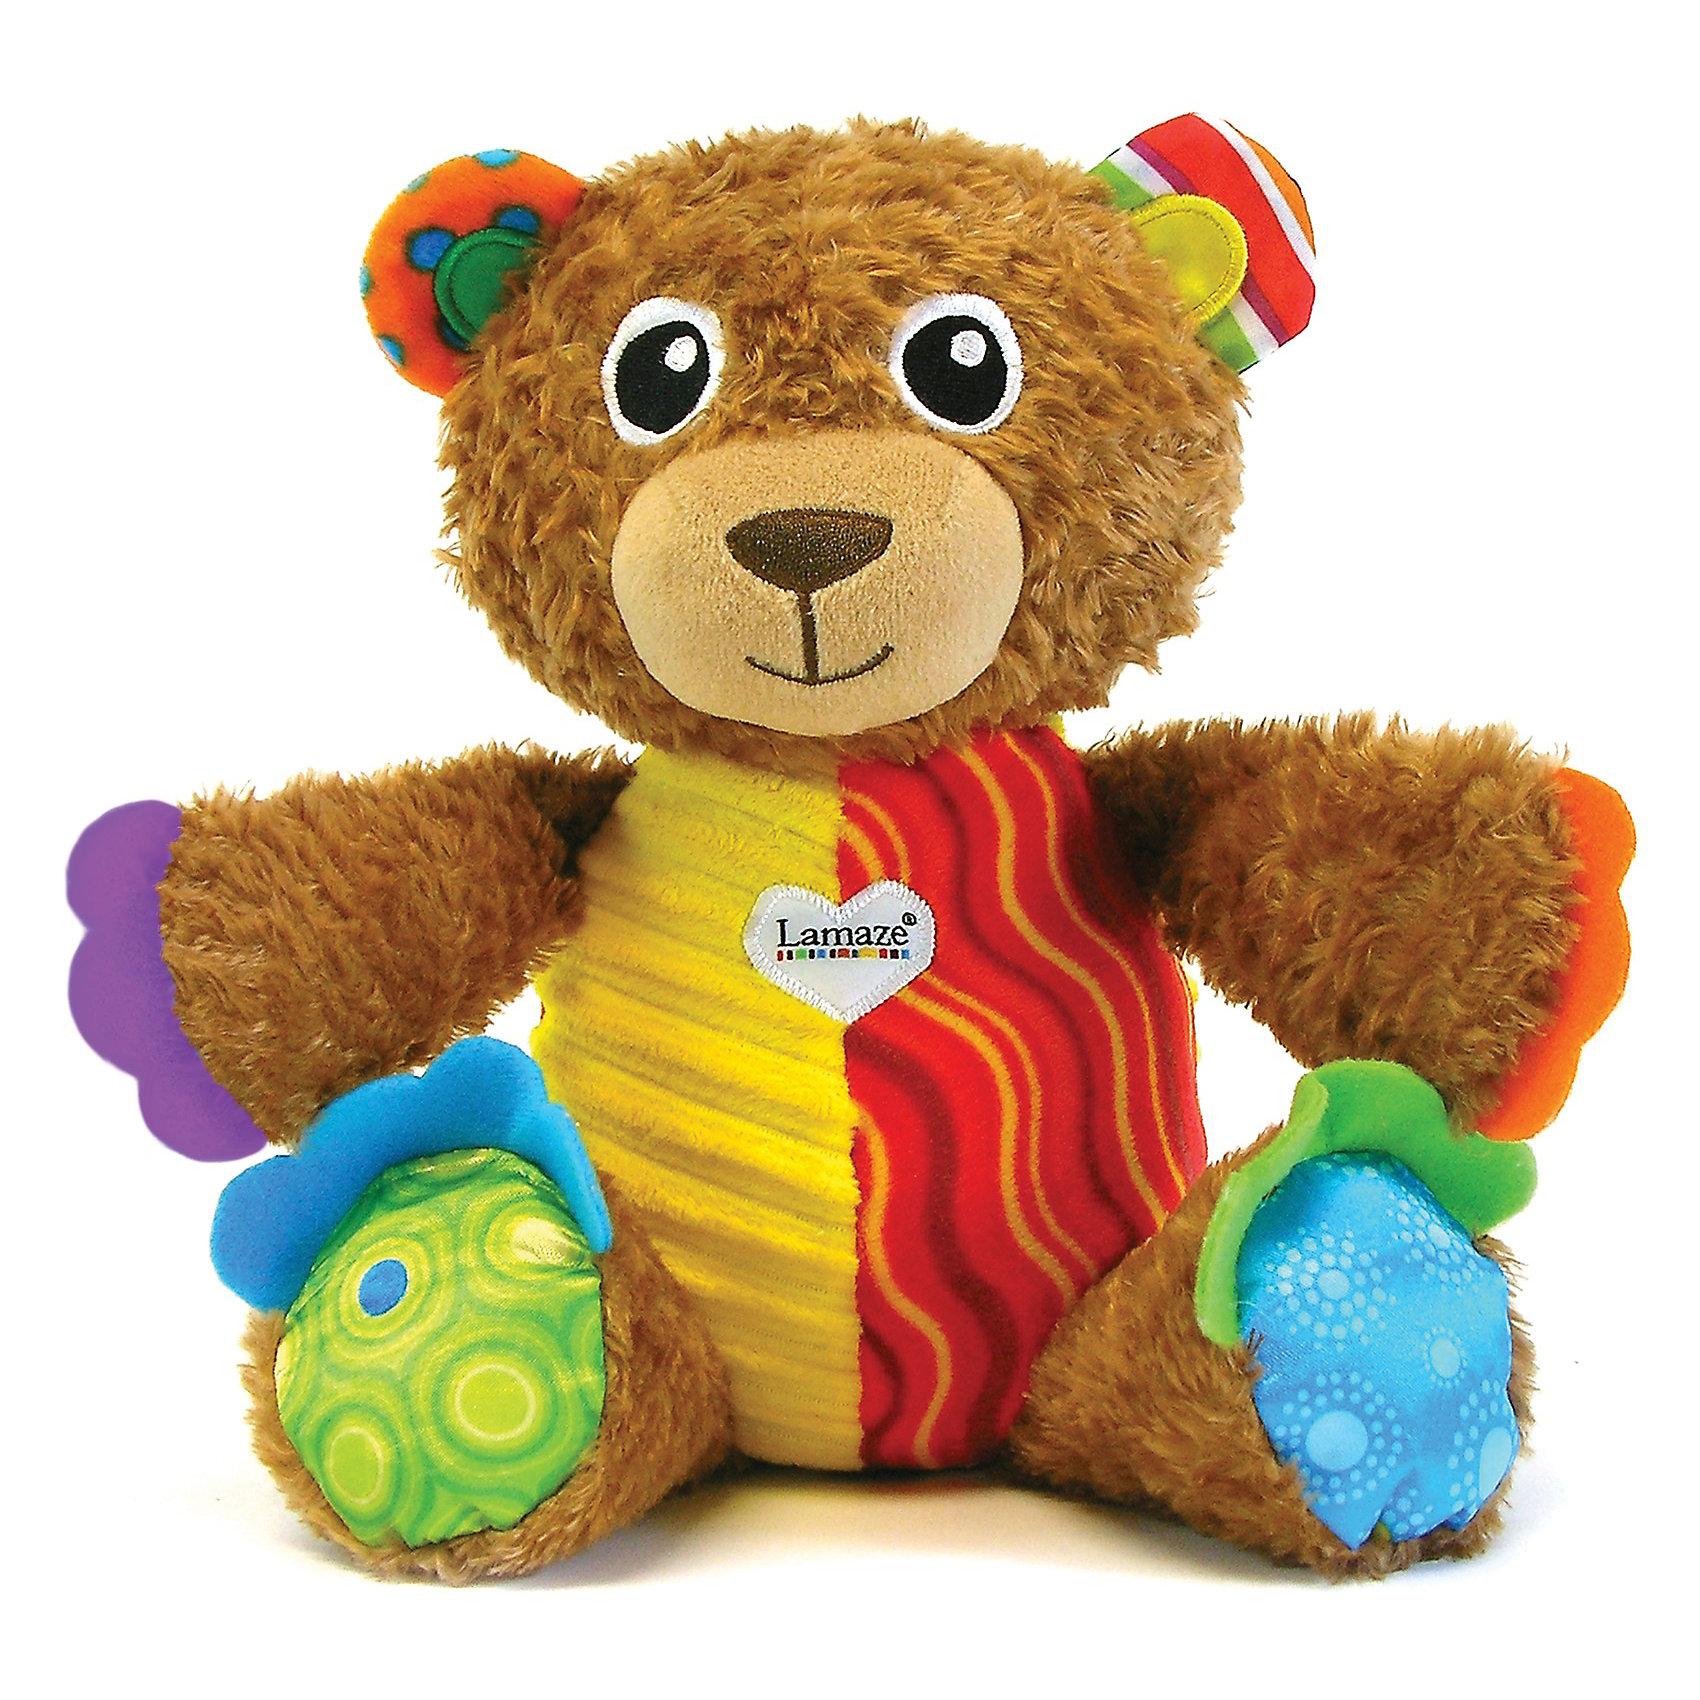 Lamaze Игрушка Мой первый плюшевый медвежонок, Lamaze игрушка электронная развивающая мой первый ноутбук